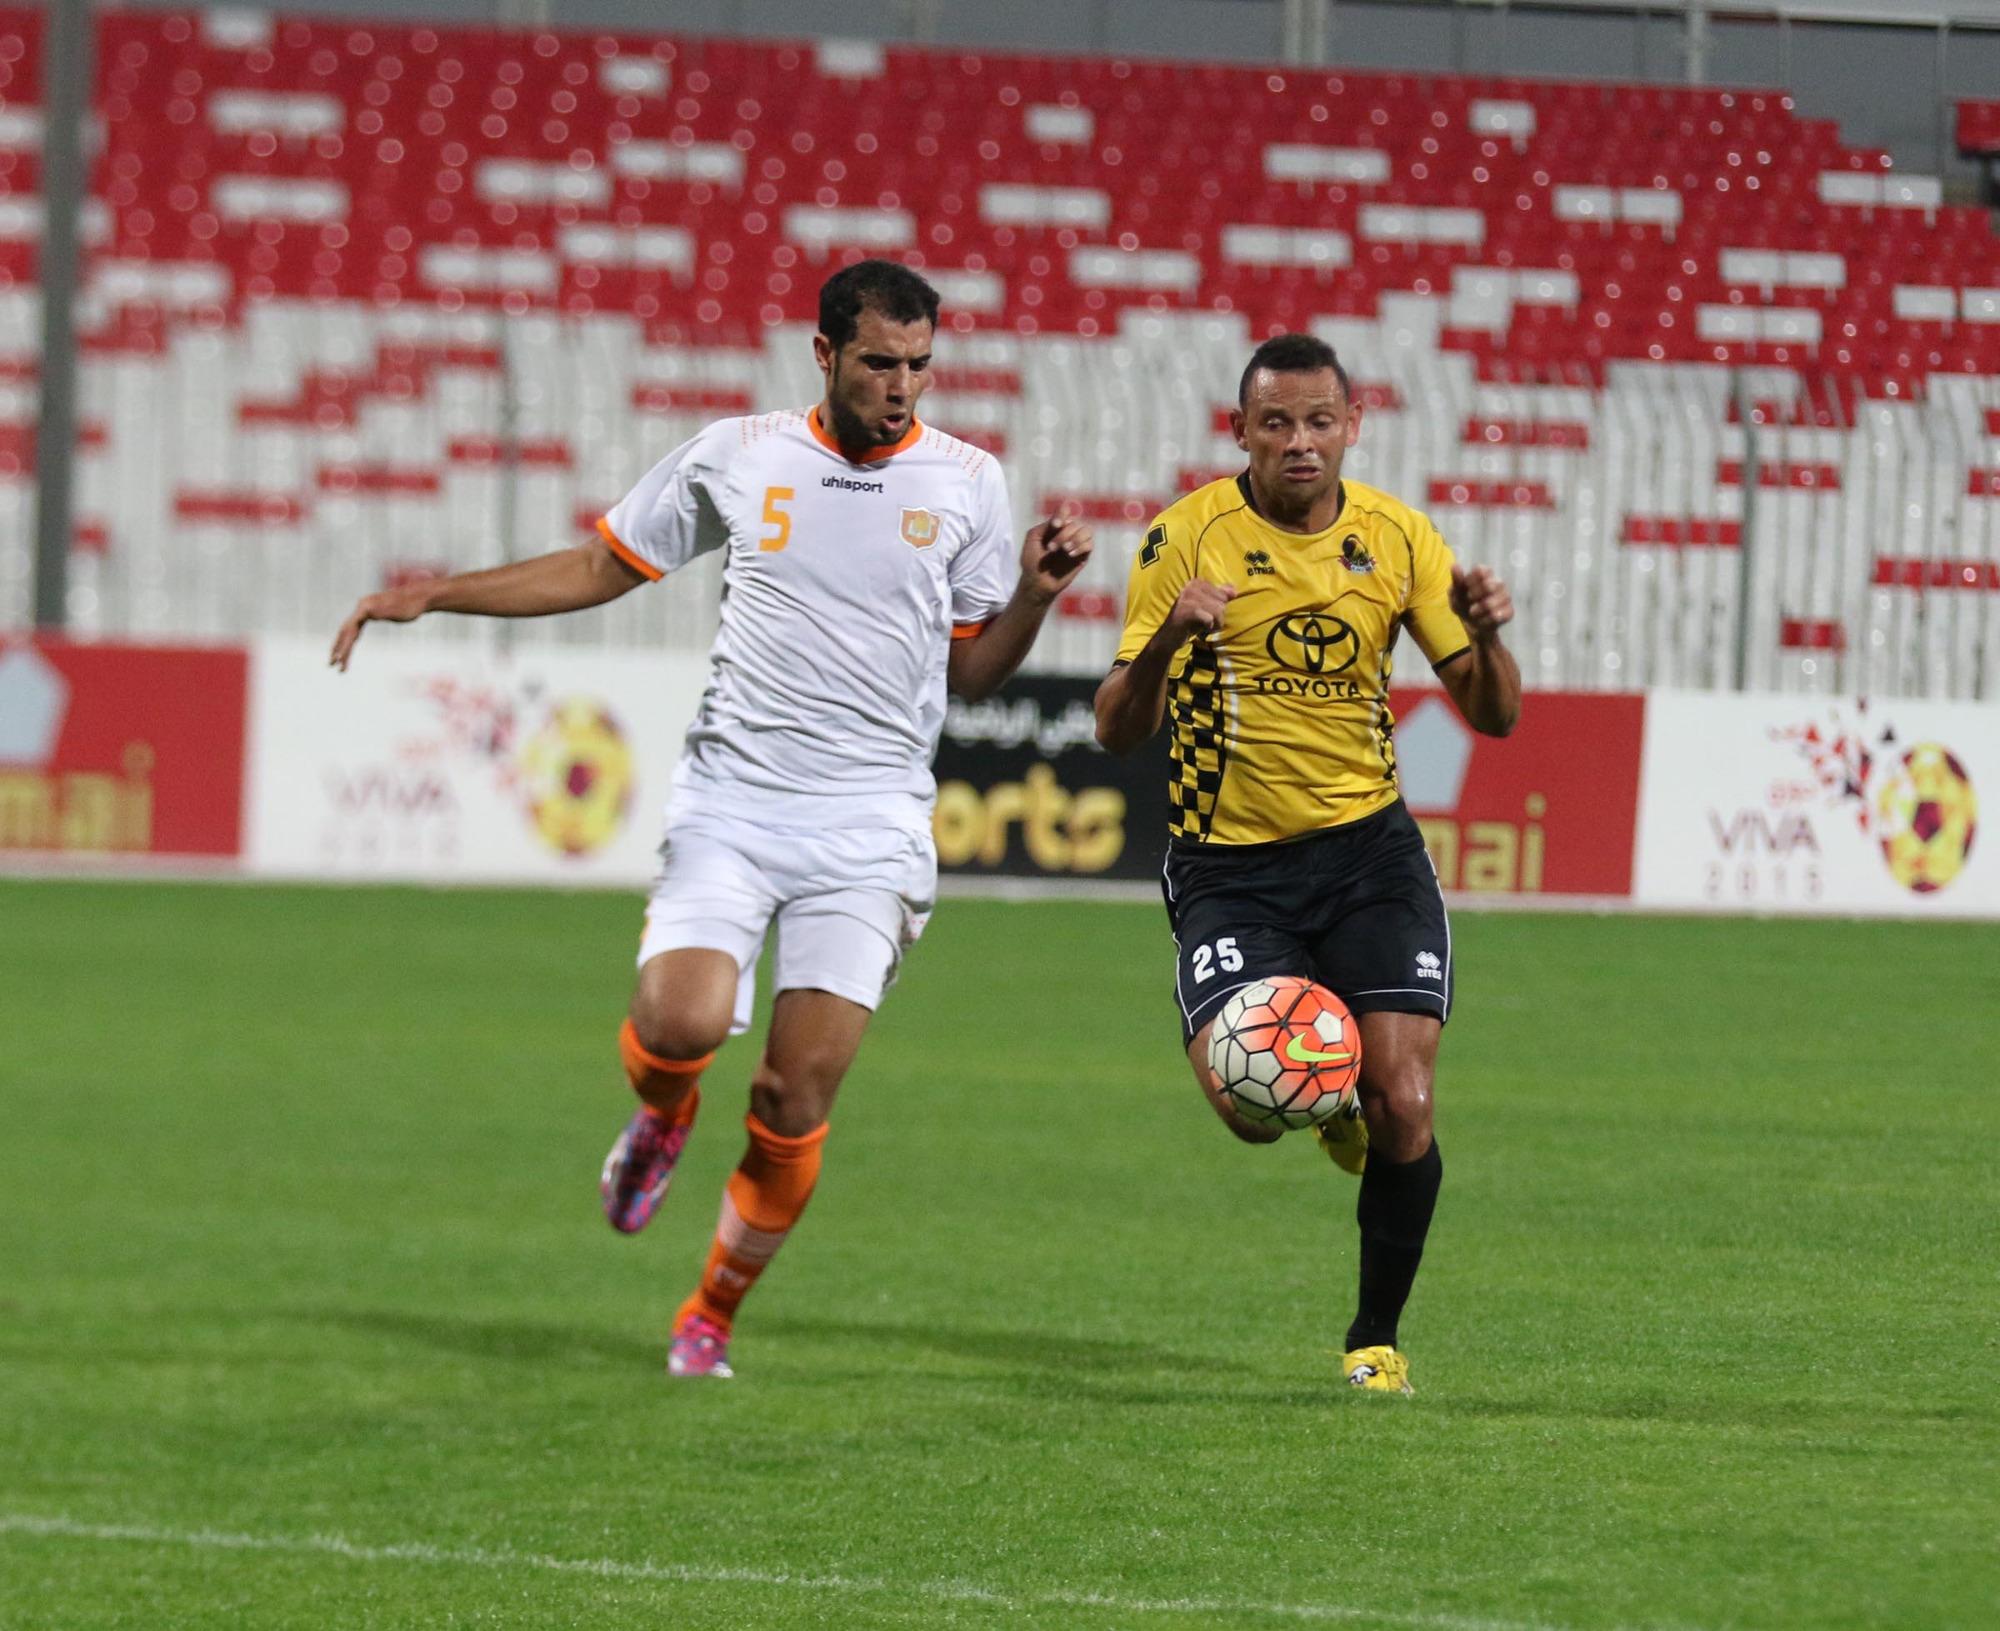 البرازيلي دييغو من الاهلي والحالاوي (اليمني) محمد فؤاد في لقاء فريقيهما اليوم